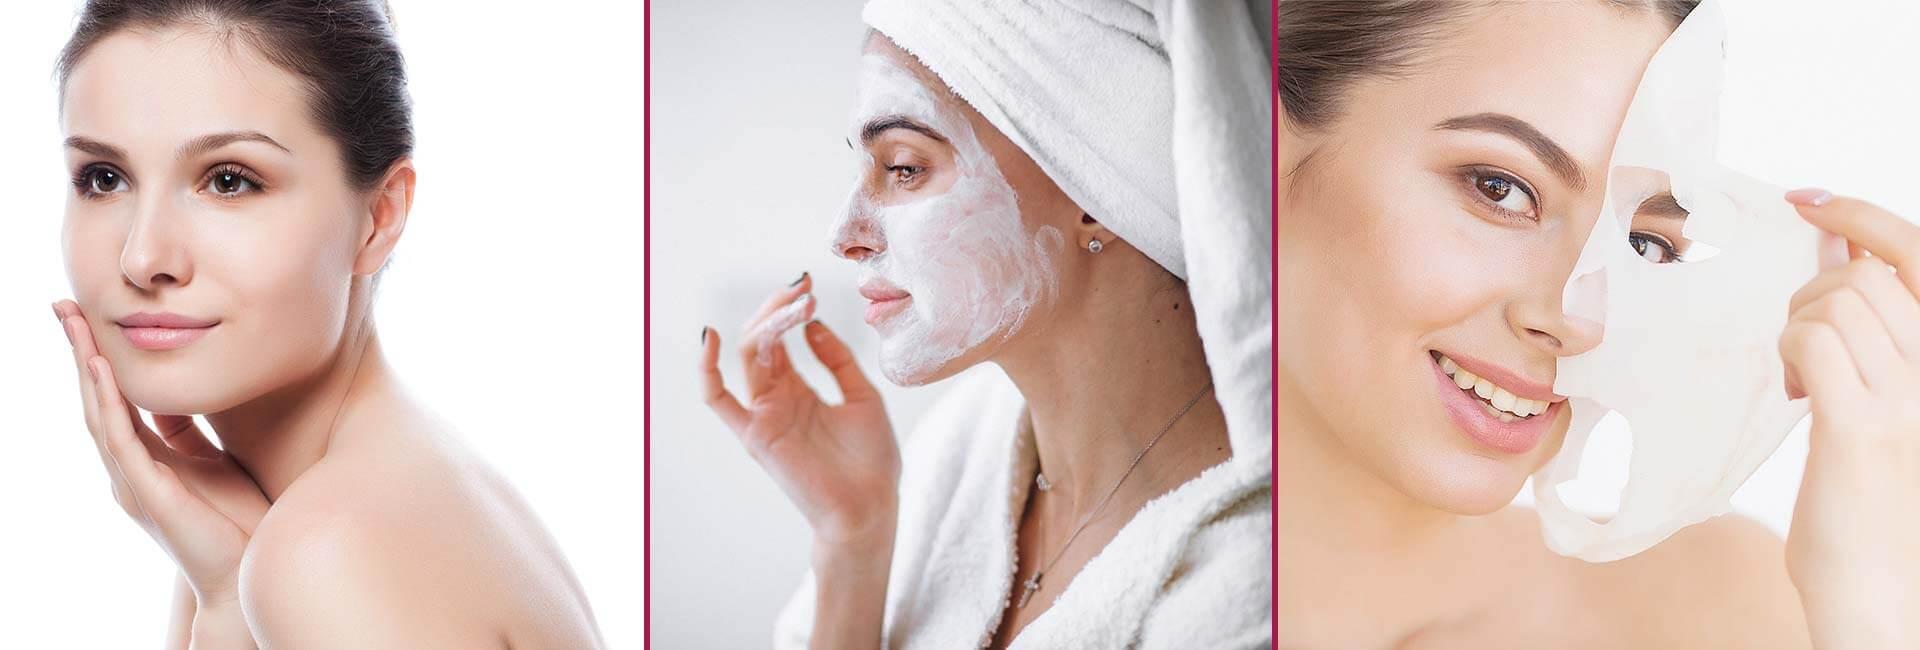 24skin Hautpflege von Channoine für innen und außen